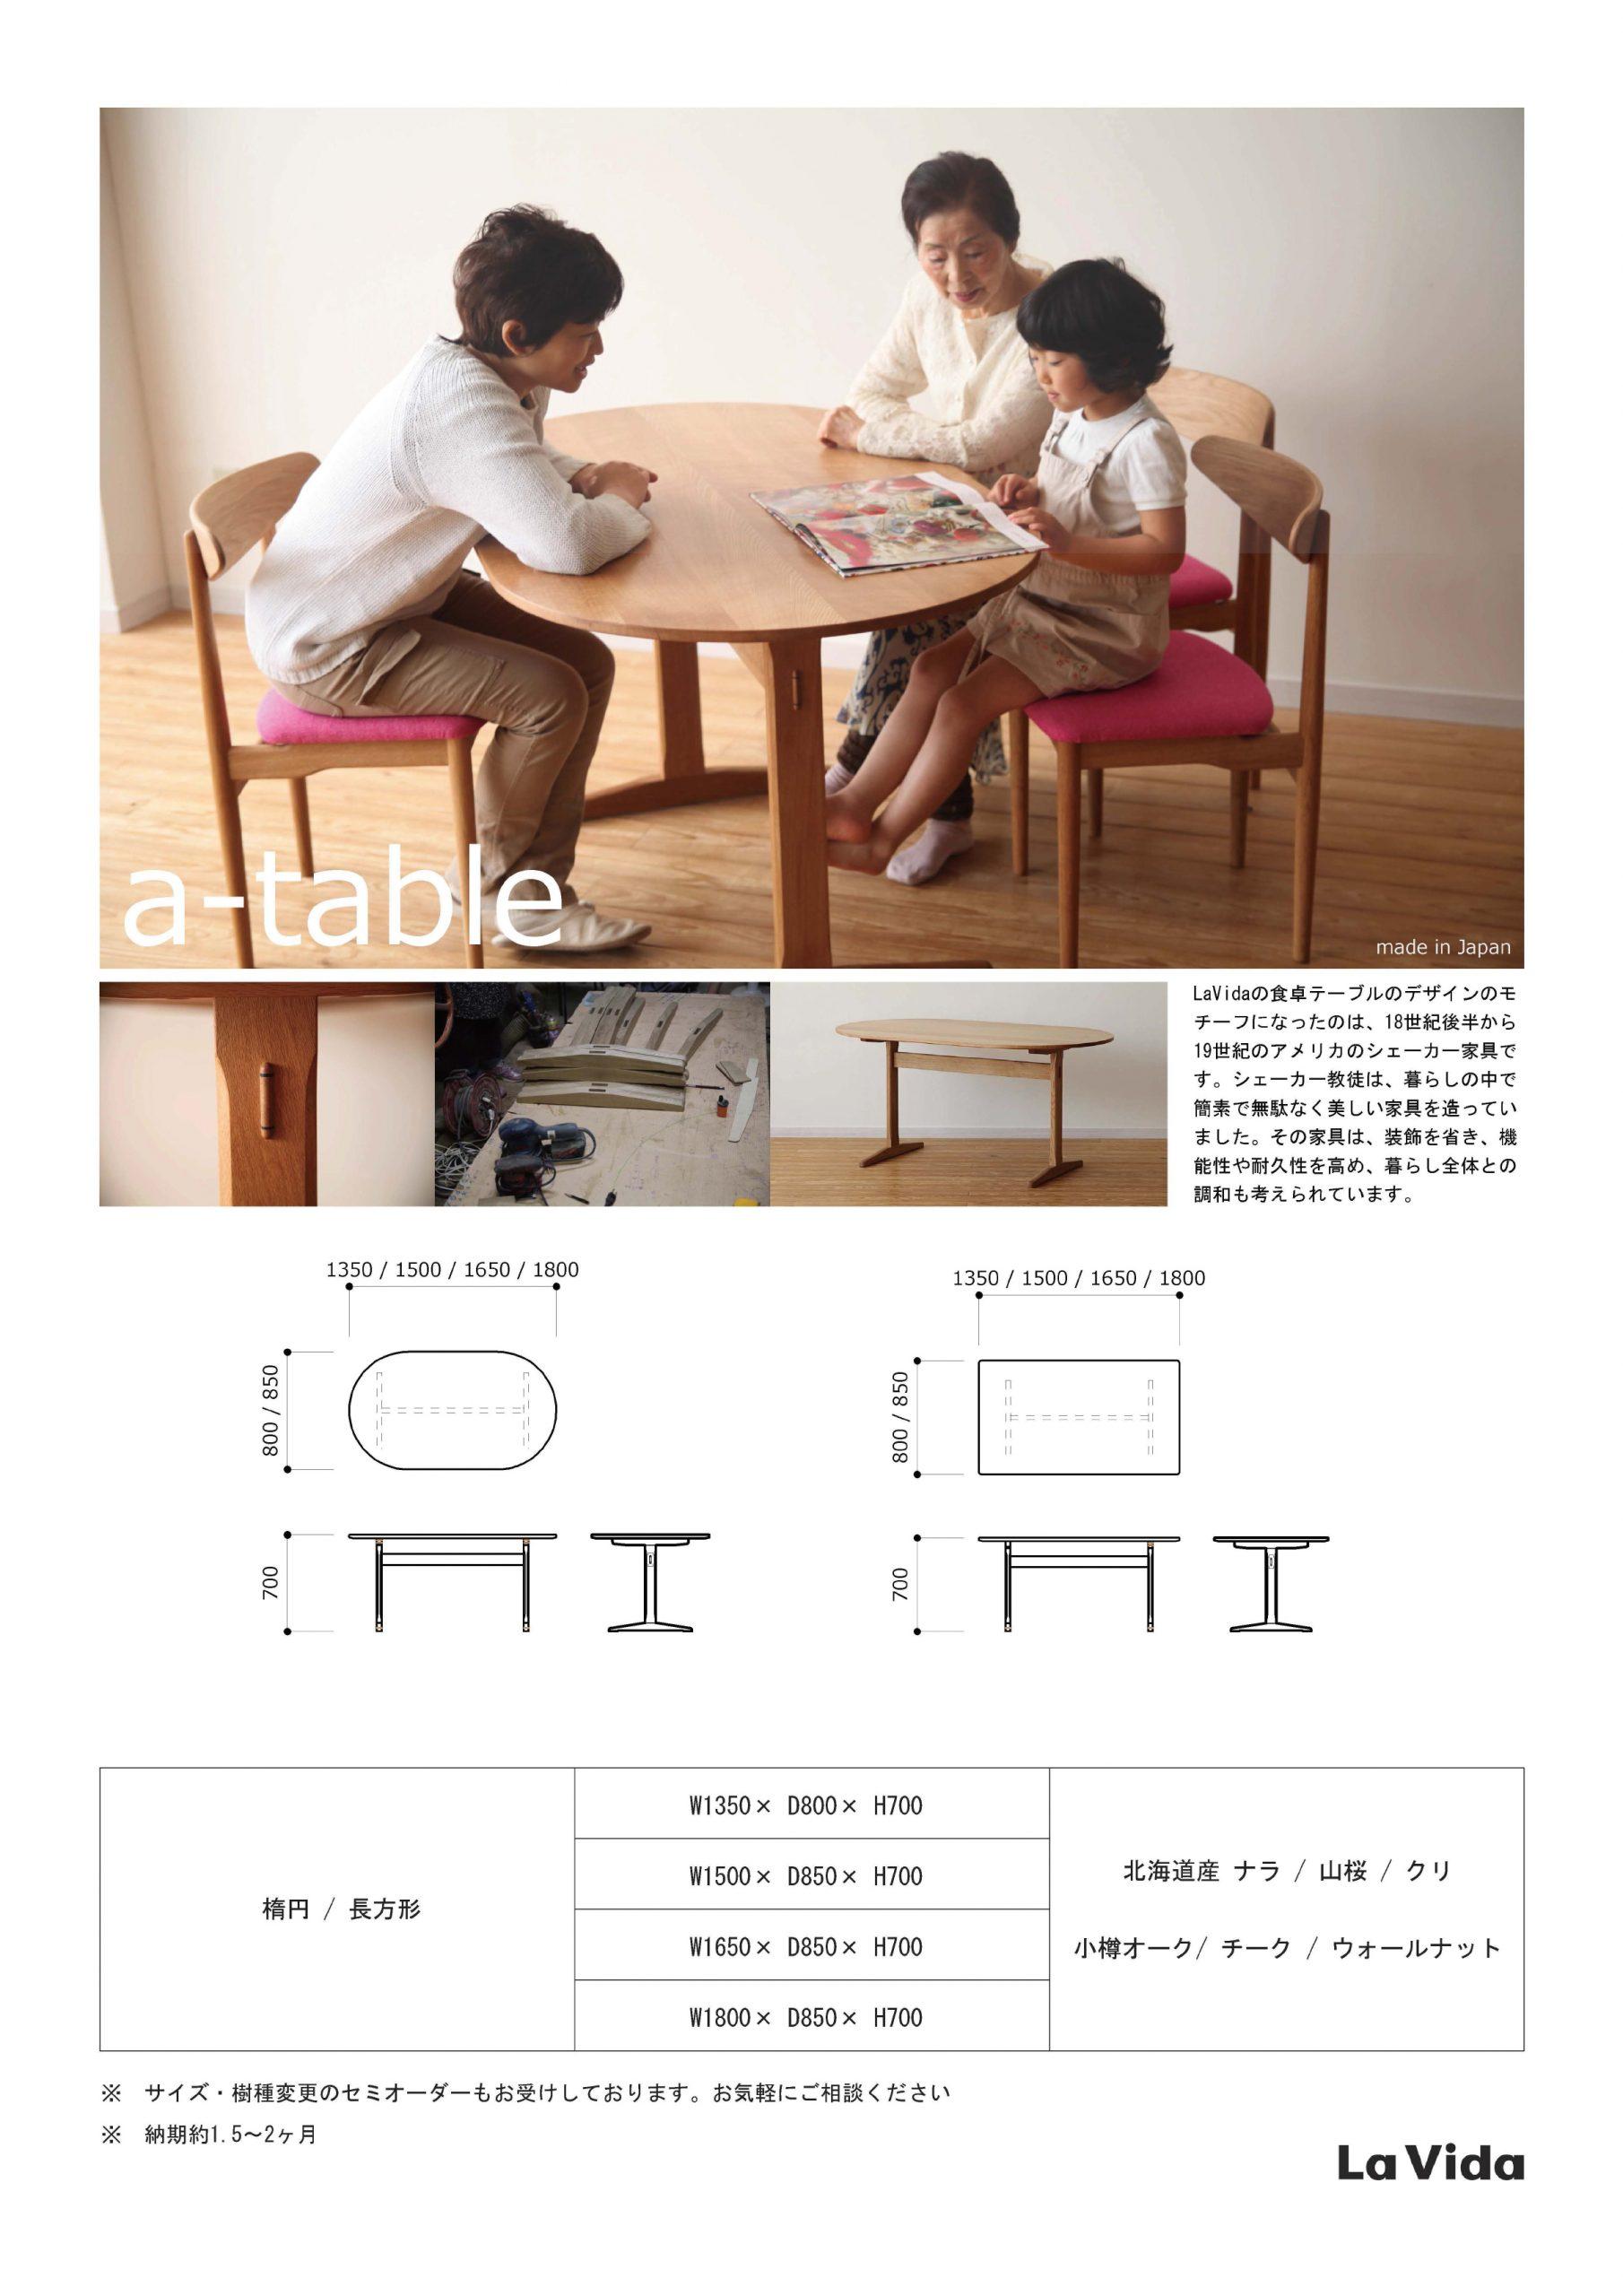 aテーブル